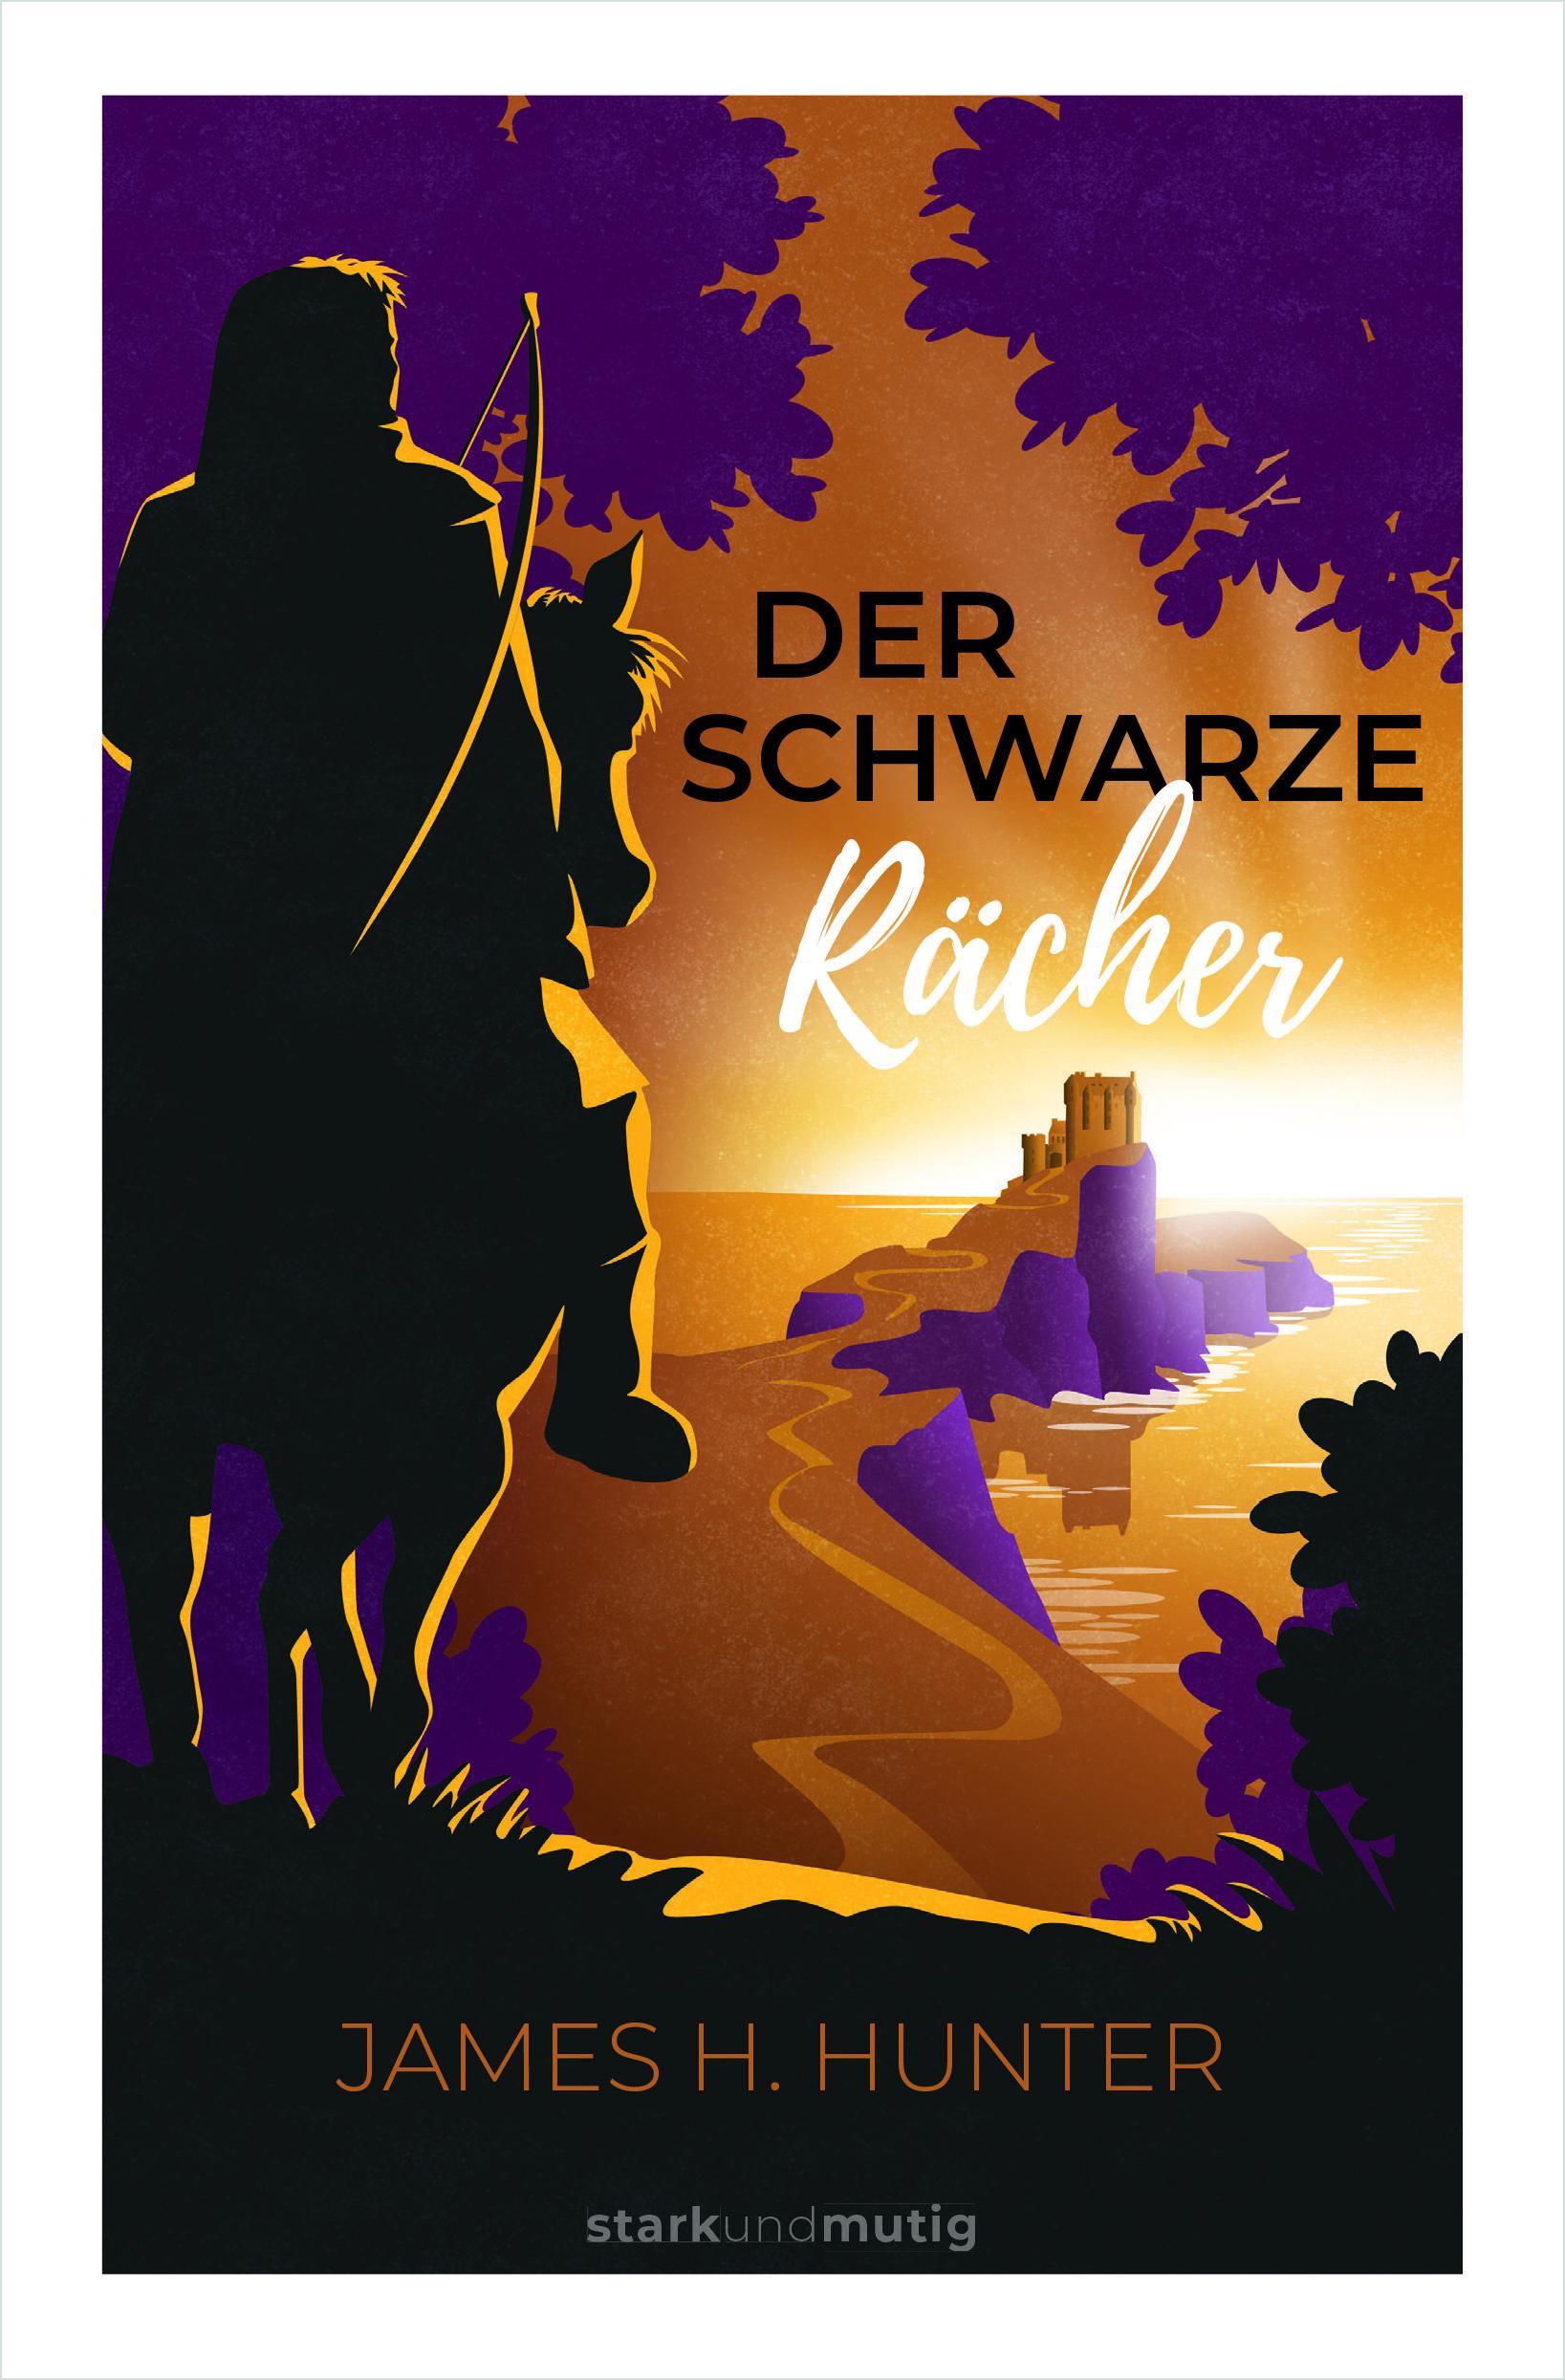 clv_der-schwarze-raecher_james-hunter_256631_03